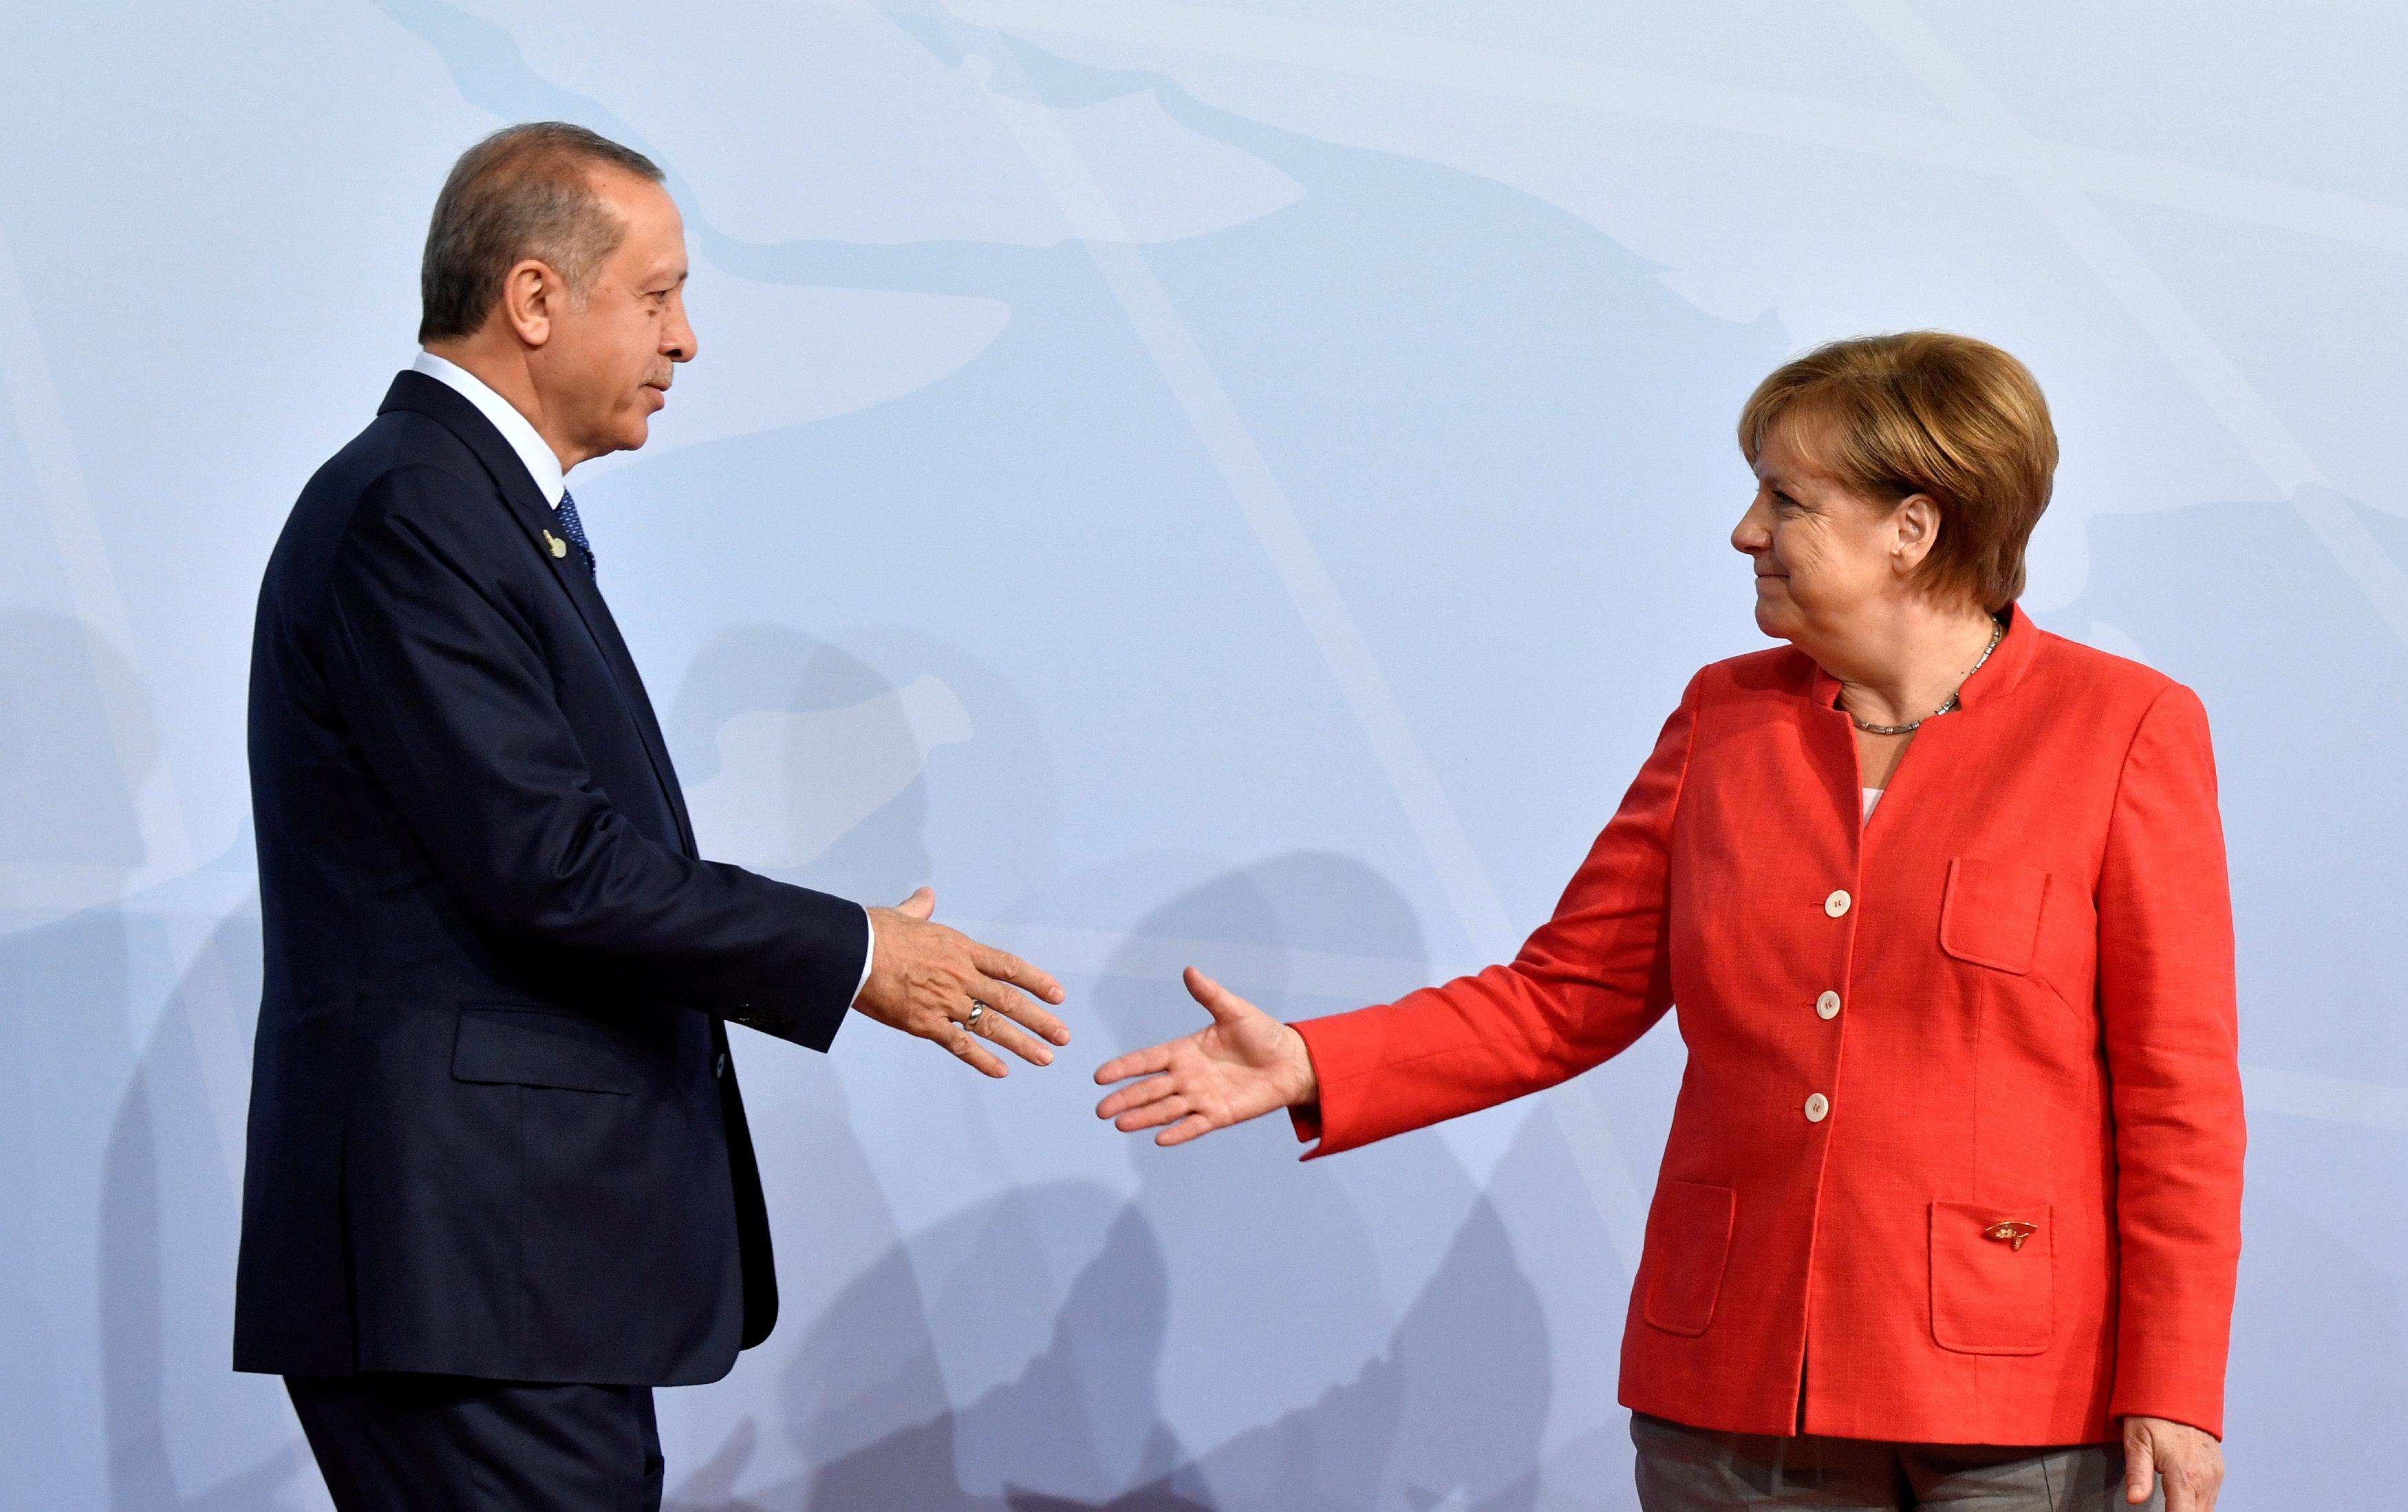 Η Μέρκελ συνεχάρη τον Ερντογάν για την επανεκλογή του | tovima.gr